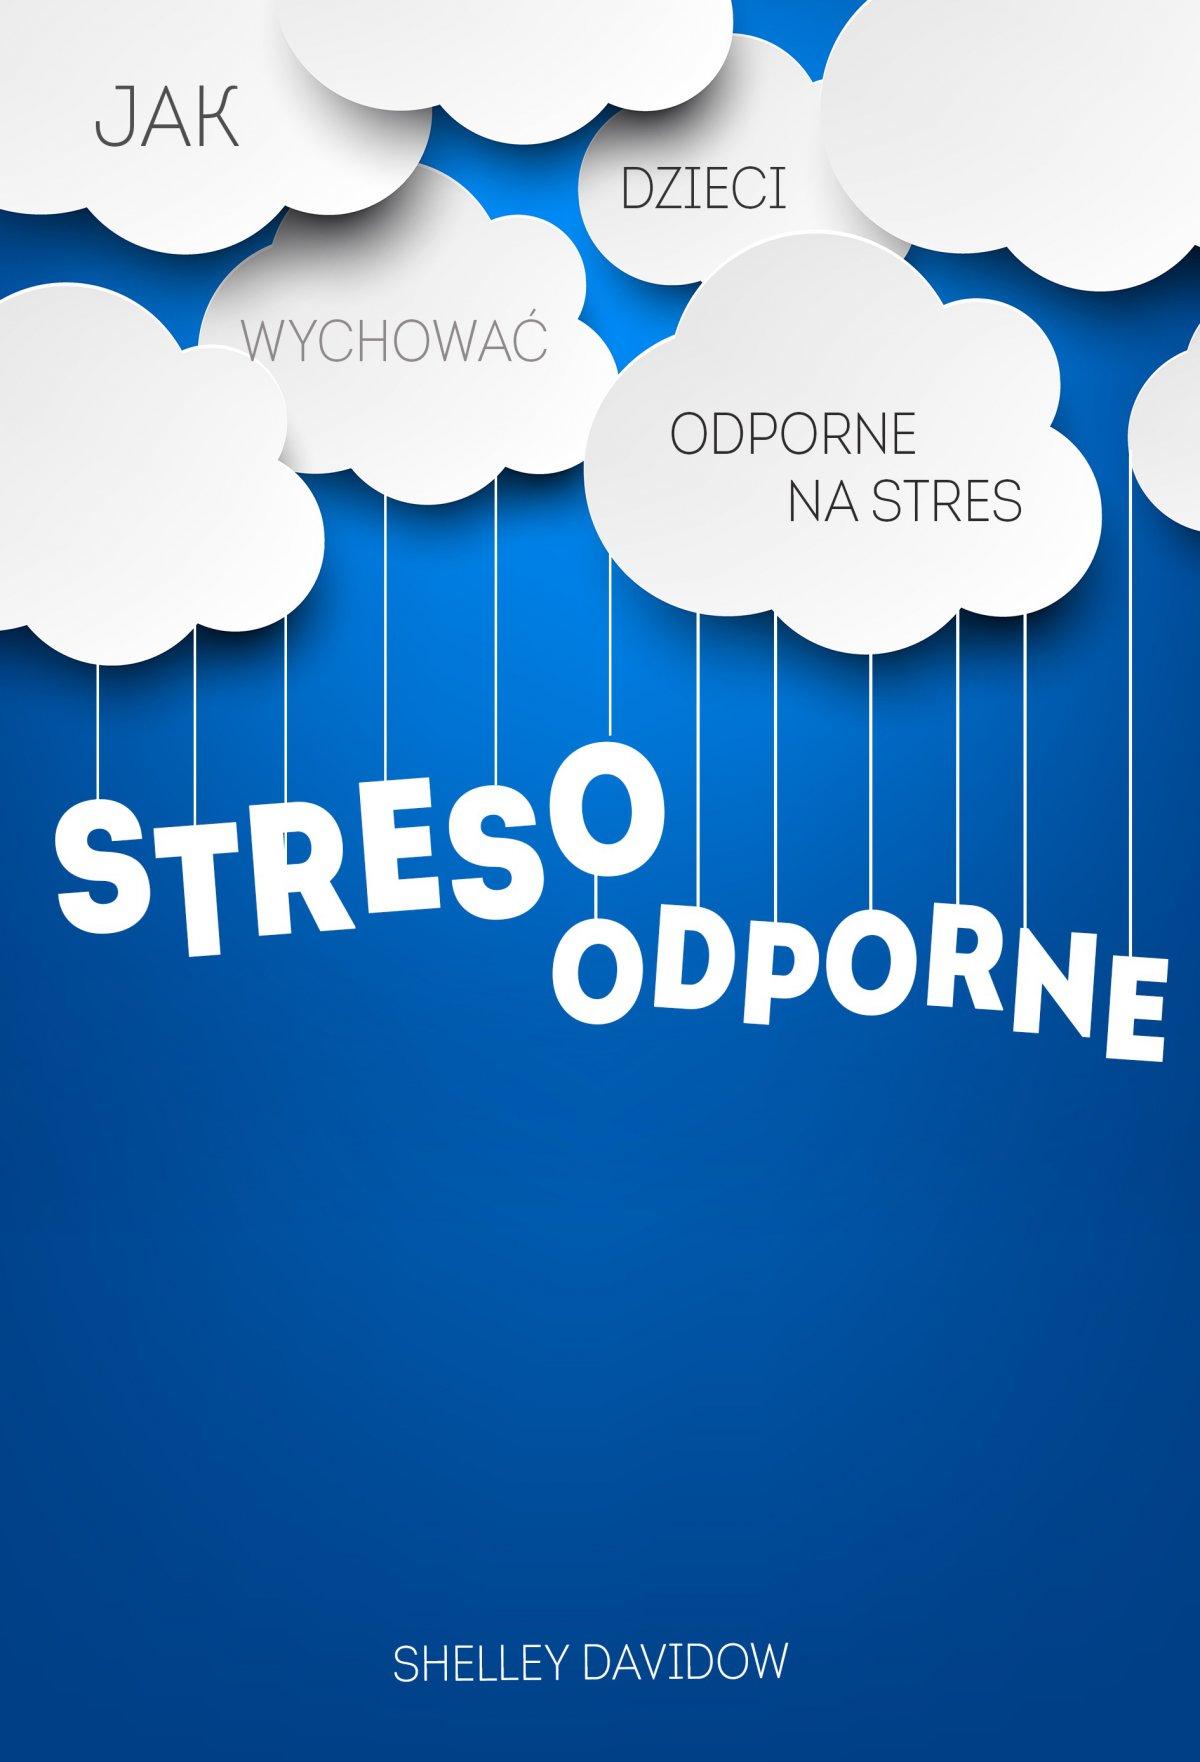 Stresoodporne. Jak wychować dzieci odporne na stres - Ebook (Książka EPUB) do pobrania w formacie EPUB